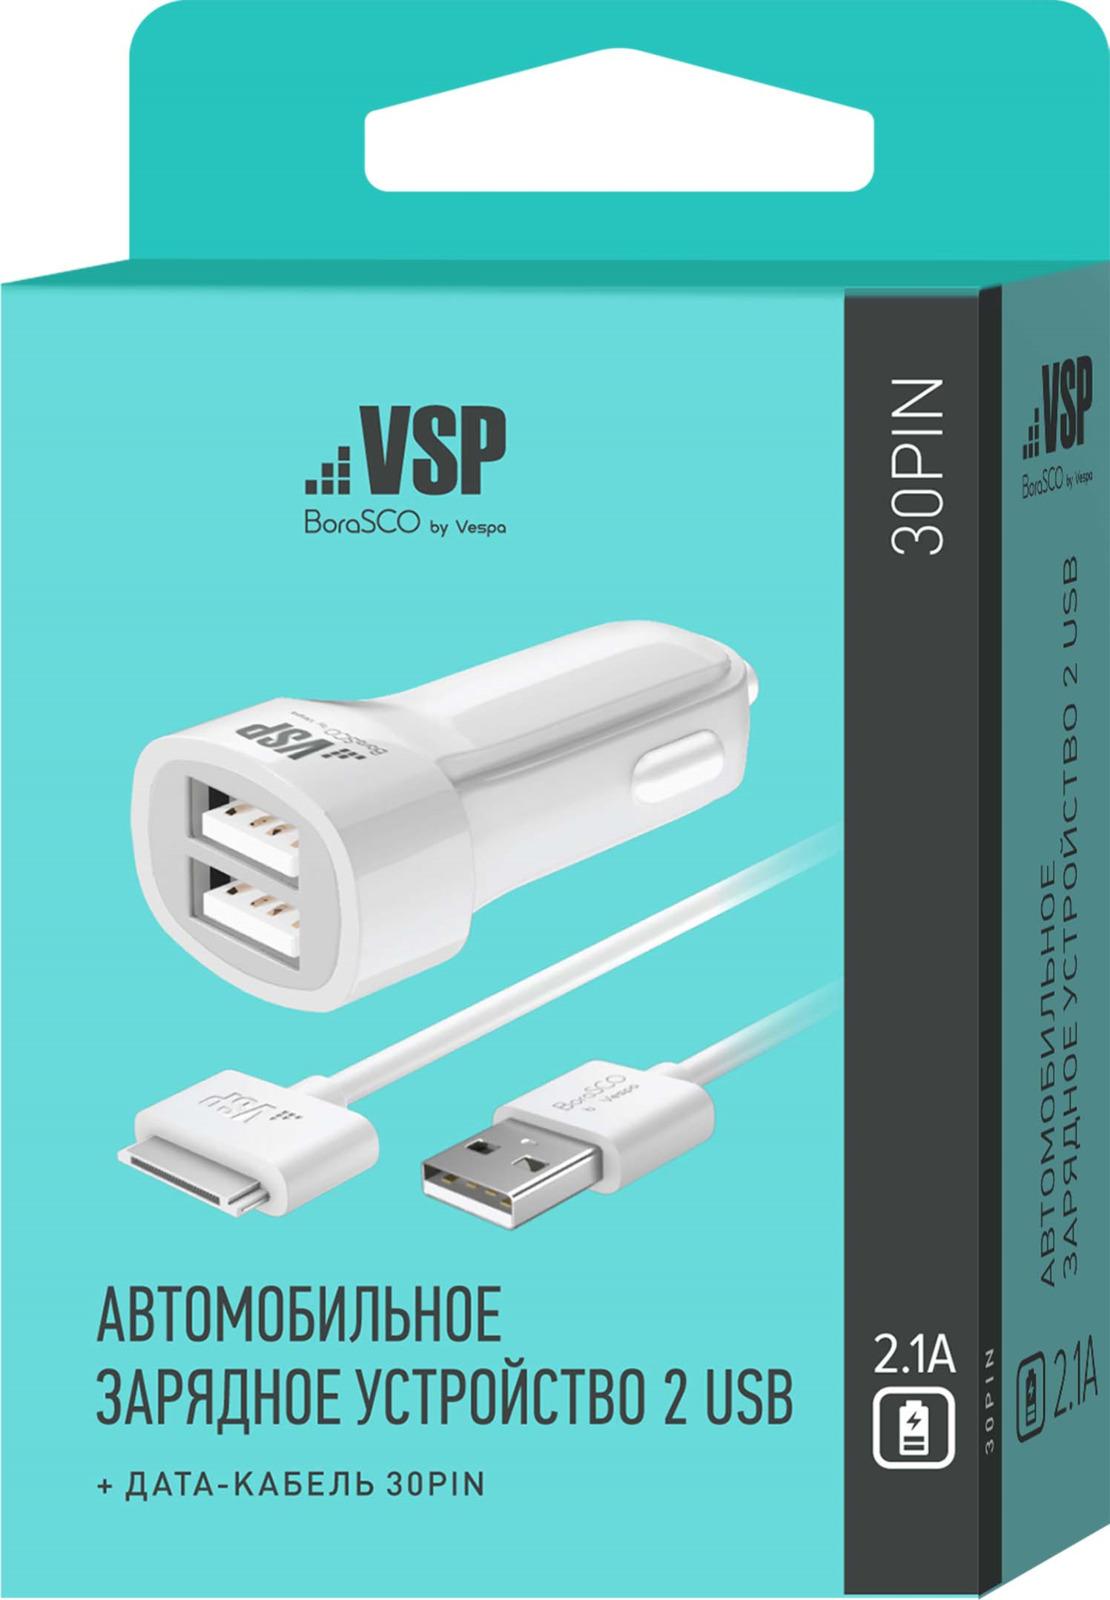 Автомобильное зарядное устройство Borasco by Vespa, 2 USB, 2,1 A + Дата-кабель 30 pin, 1 м, 20639, белый